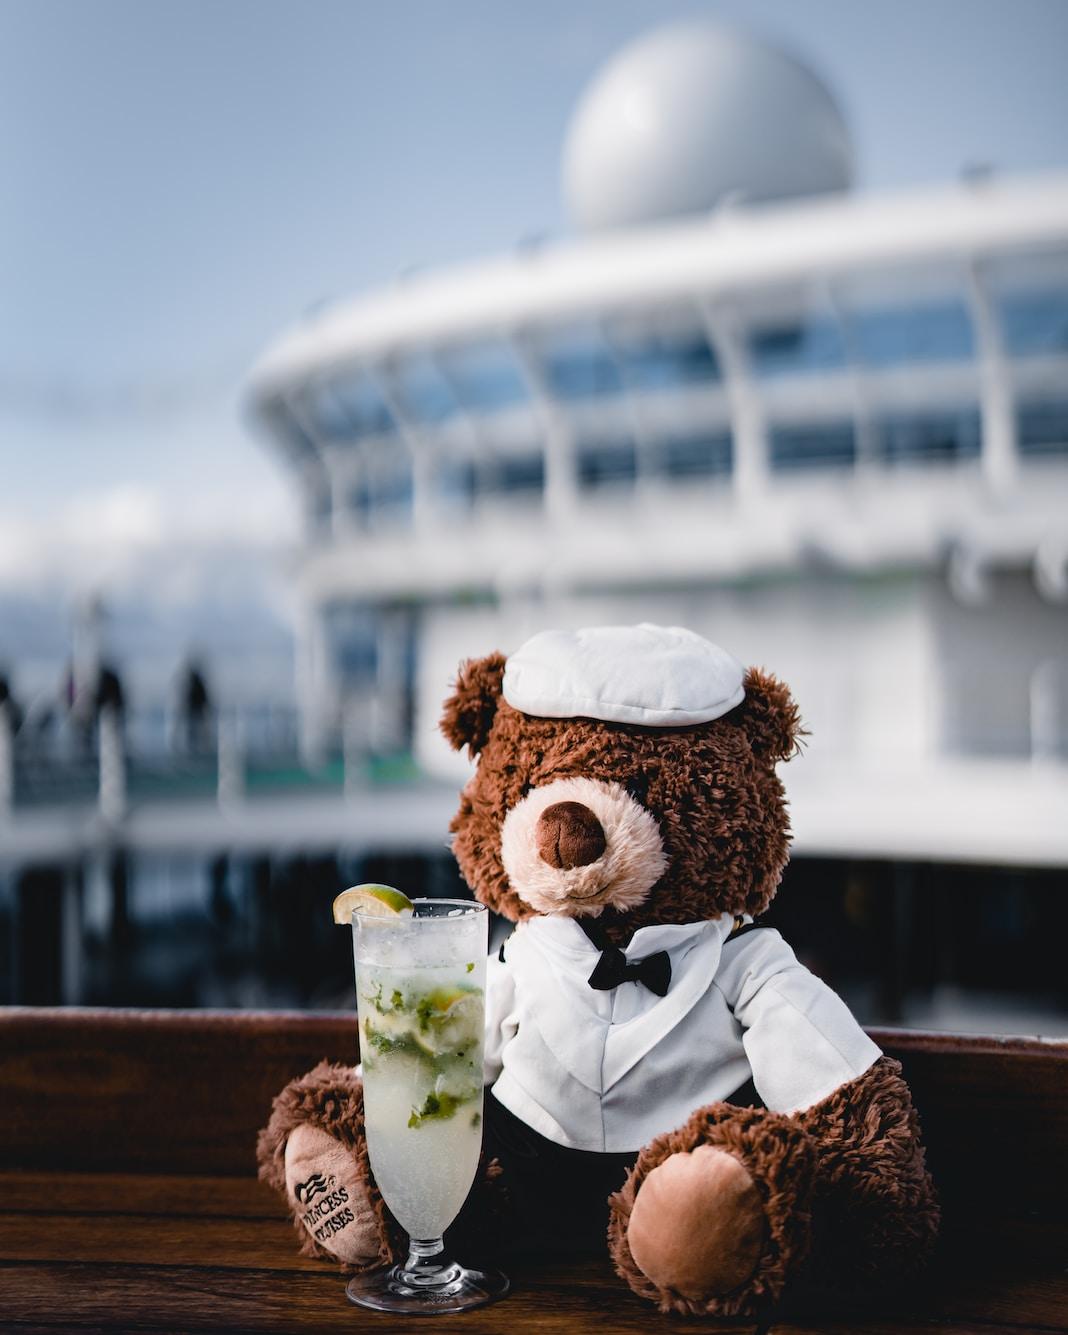 teddy bear beside the wine glass